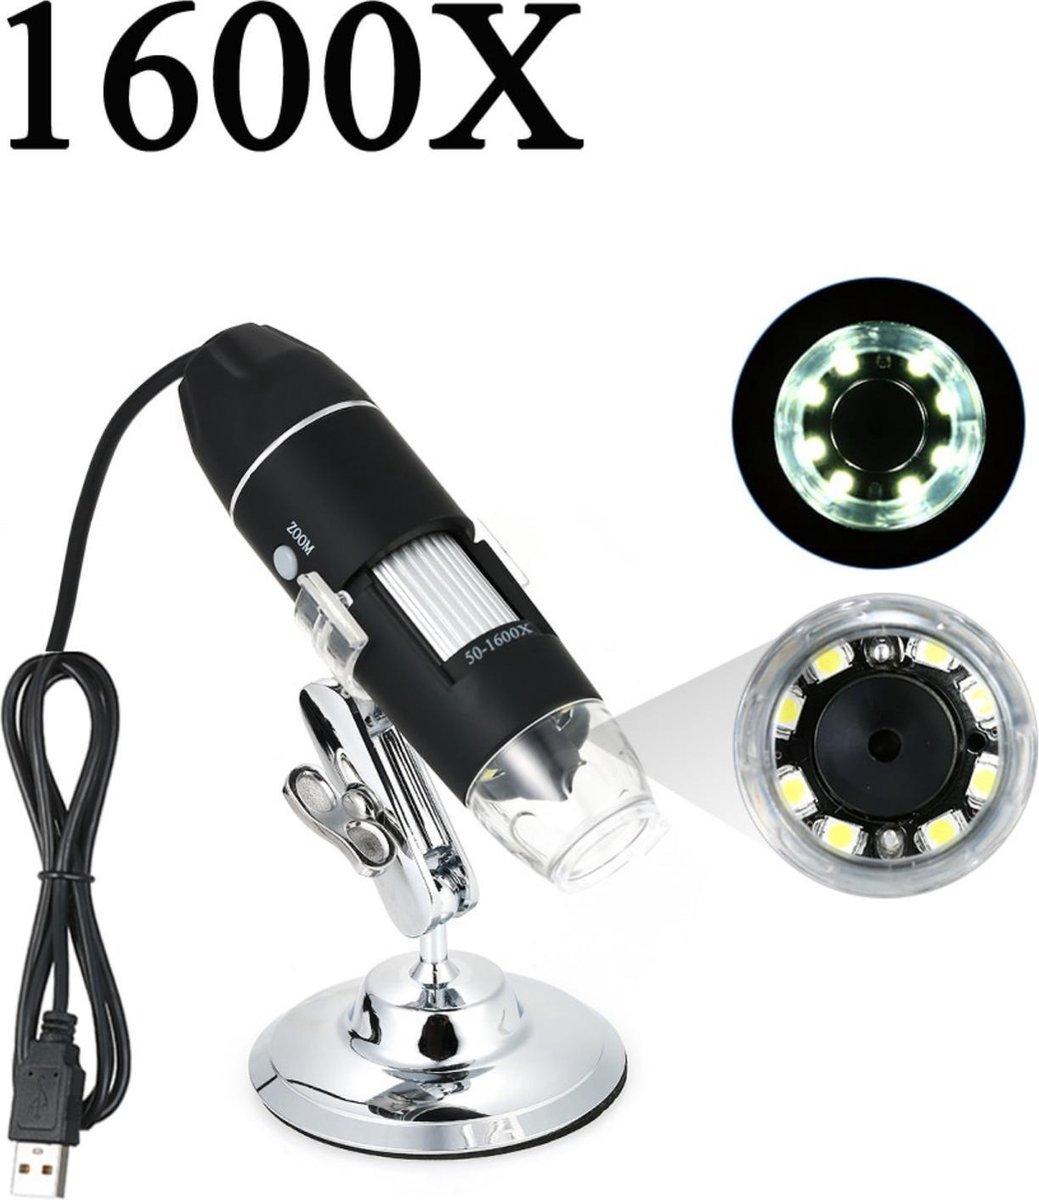 Visualux® Digitale microscoop - Vergroot 1600X - Vergrootglas - 0.3MP camera - USB verbinding - 30000LUX